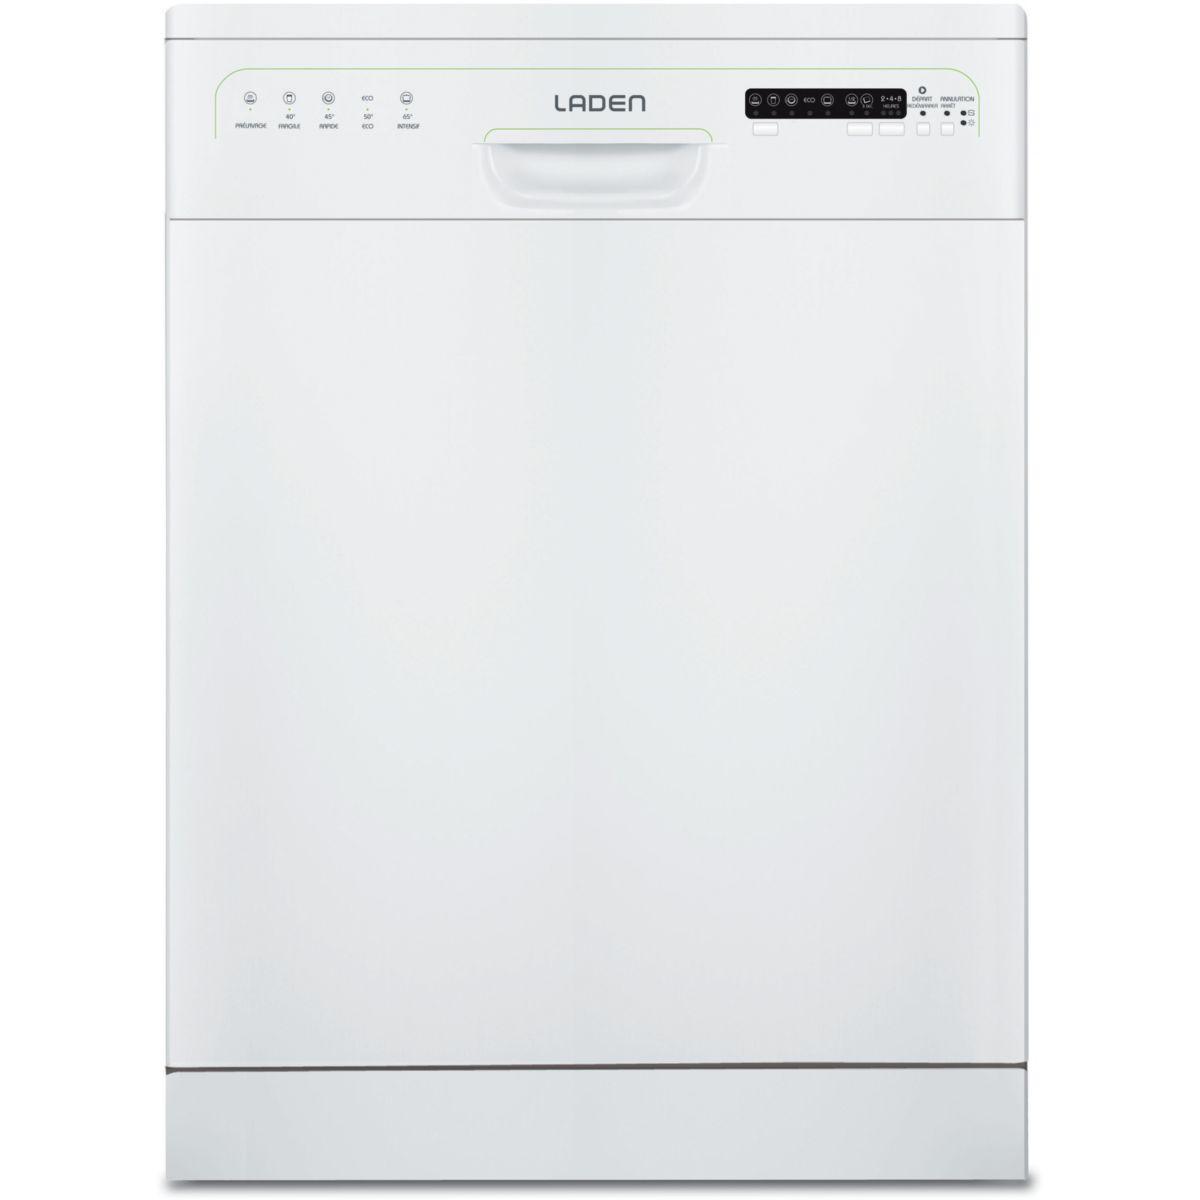 Laden c5320 lave vaisselle 12 couverts comparer avec for Lave vaisselle 6 couverts darty